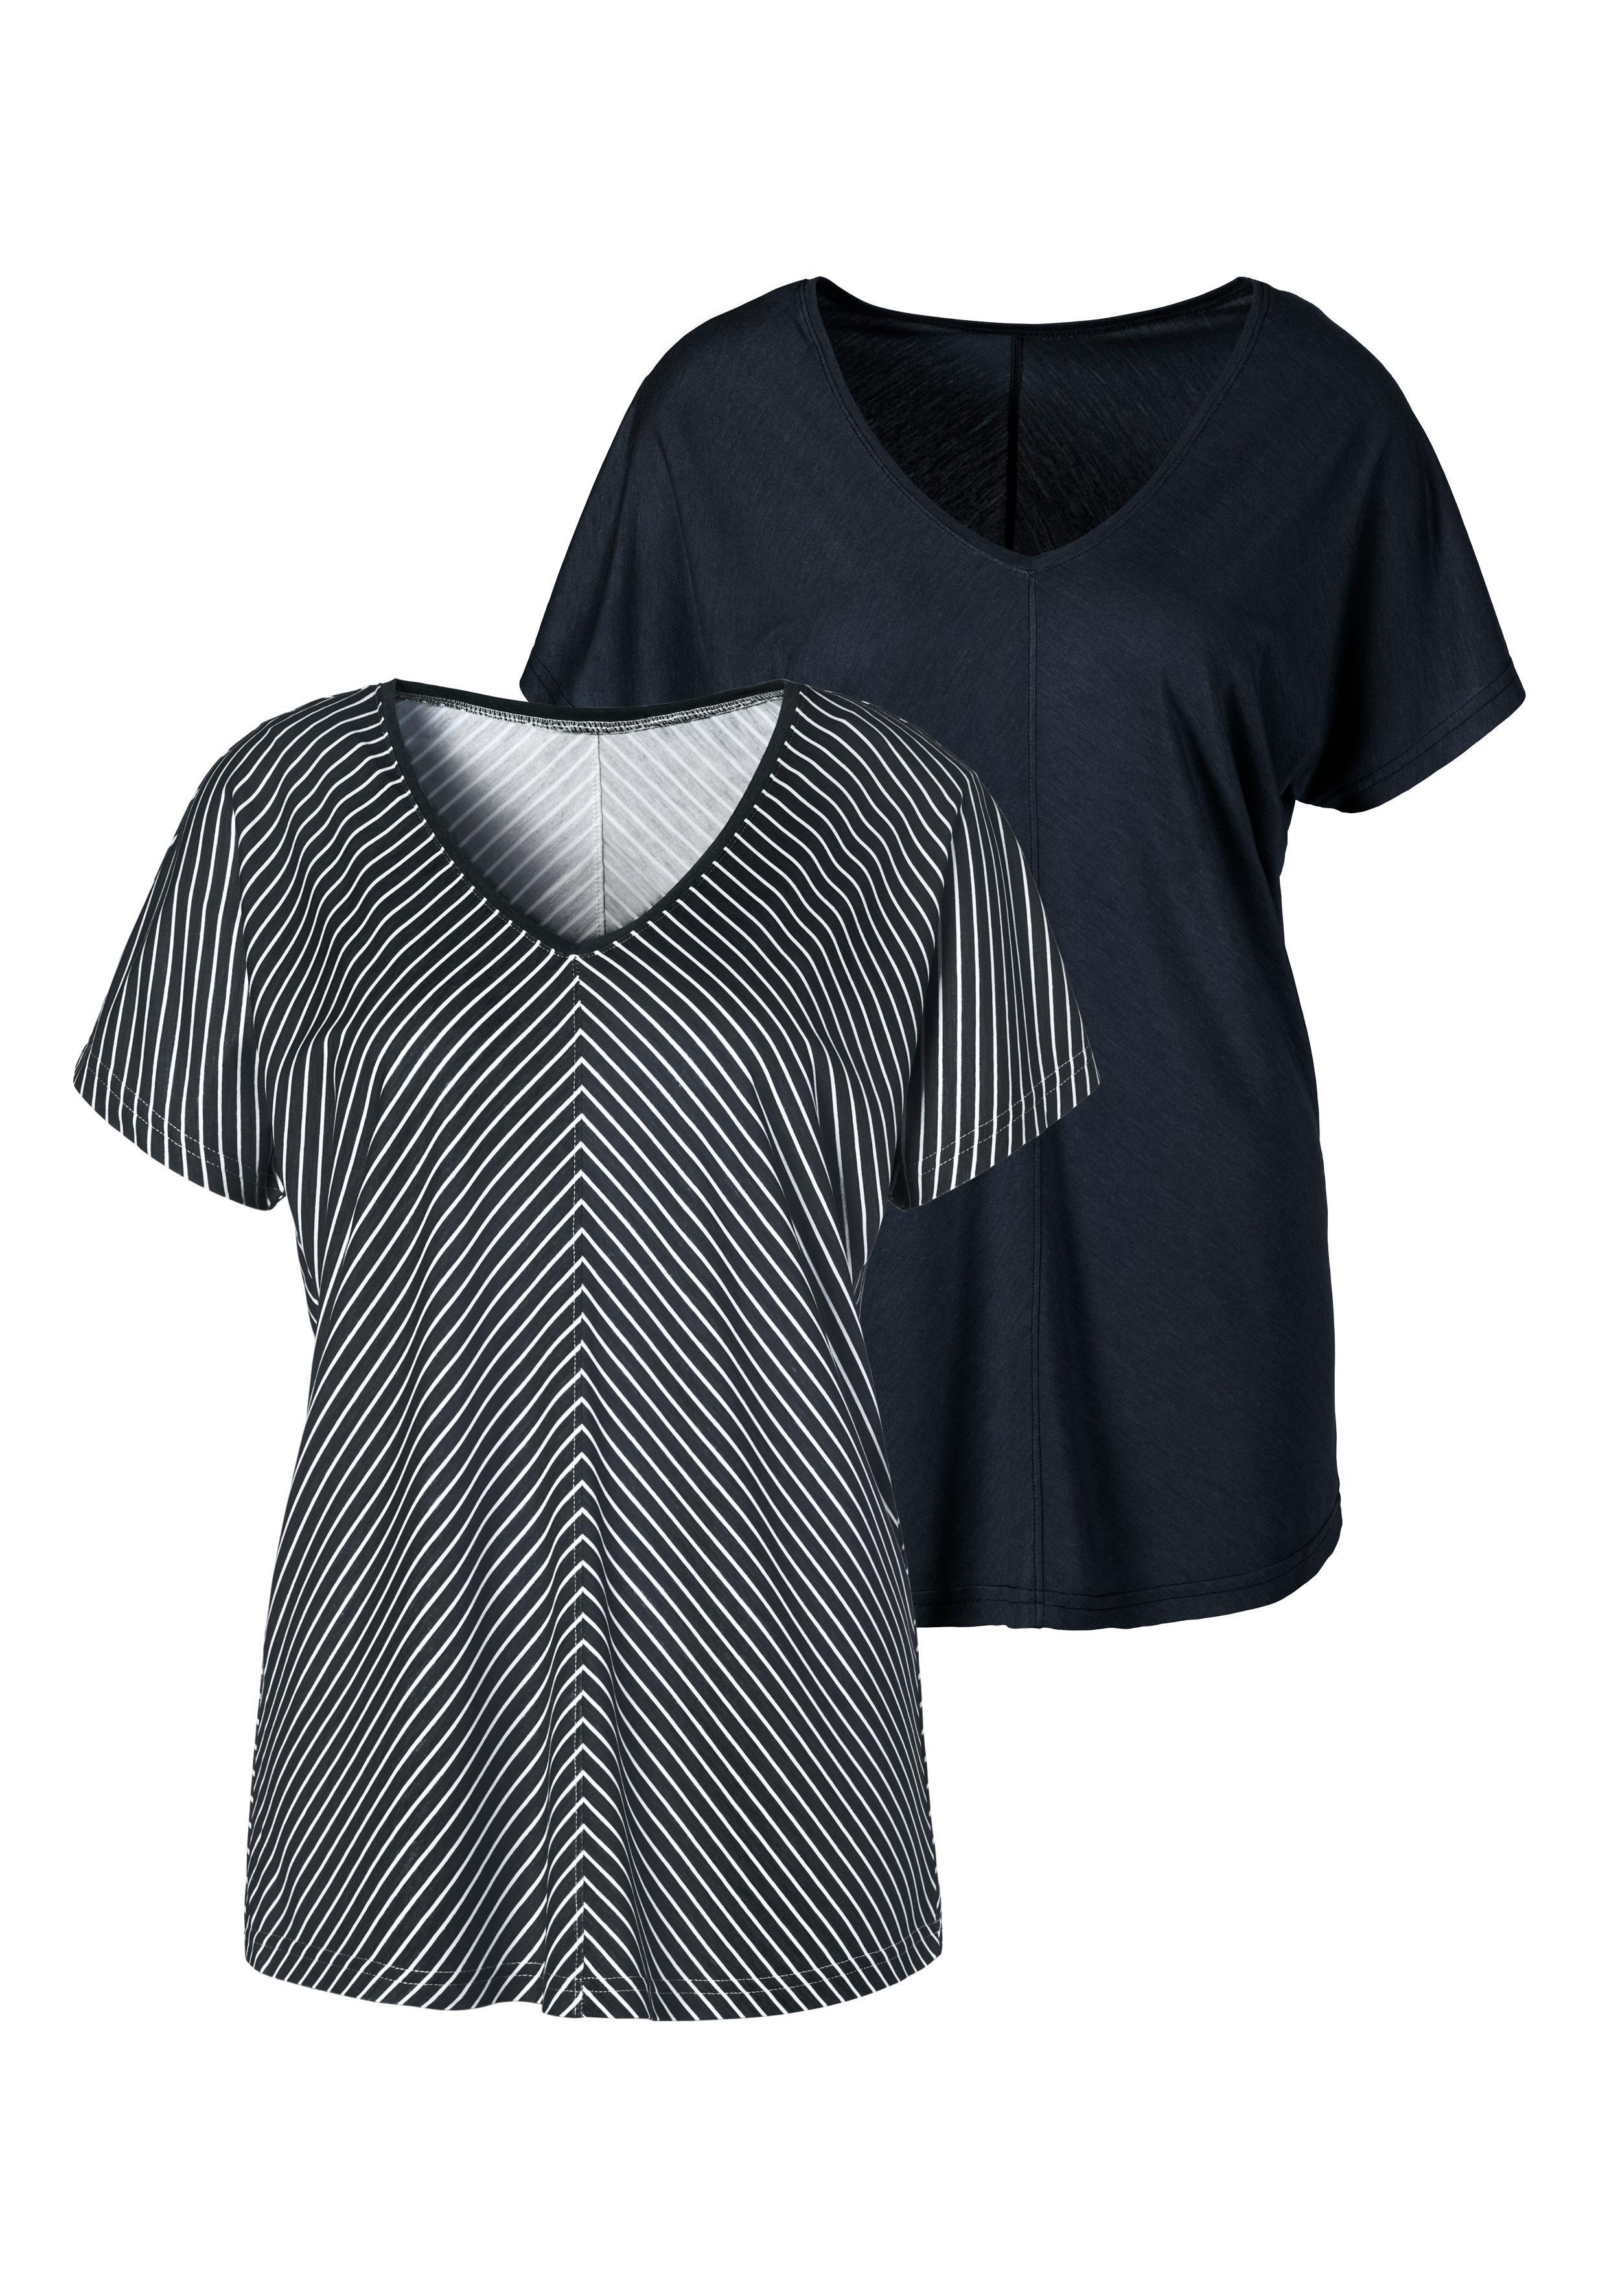 Lascana T-shirt met bijzonder streepdessin nu online bestellen